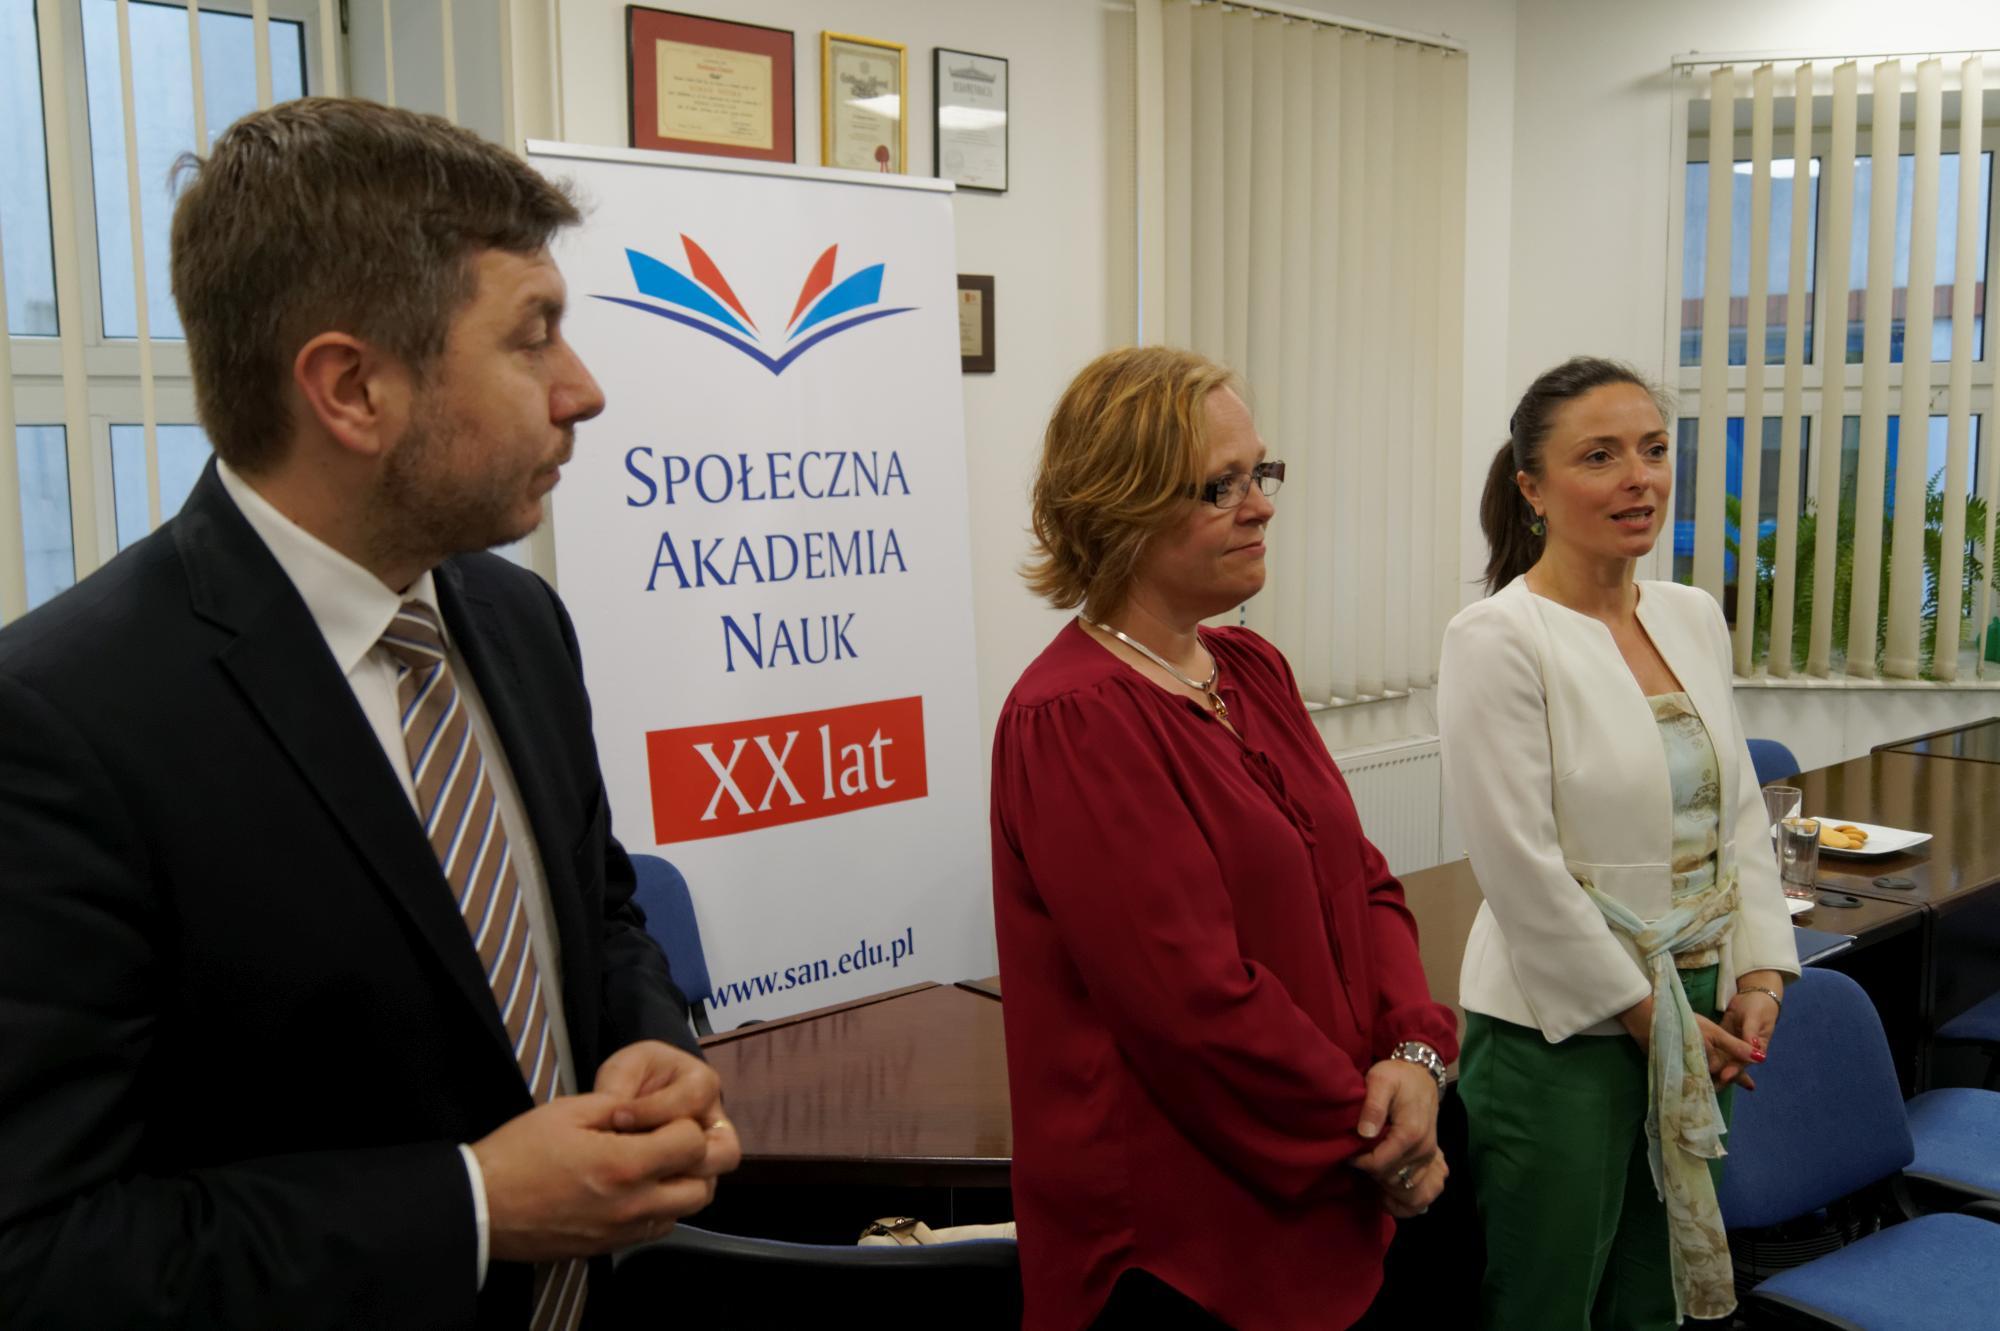 University of Social Sciences เรียนต่อต่างประเทศ เรียนต่อโปแลนด์ โปแลนด์ ท่องเที่ยวโปแลนด์ แนะแนวศึกษาต่อประเทศโปแลนด์ ยุโรป เรียนต่อยุโรป ท่องเที่ยวยุโรป เรียนยุโรปราคาถูก